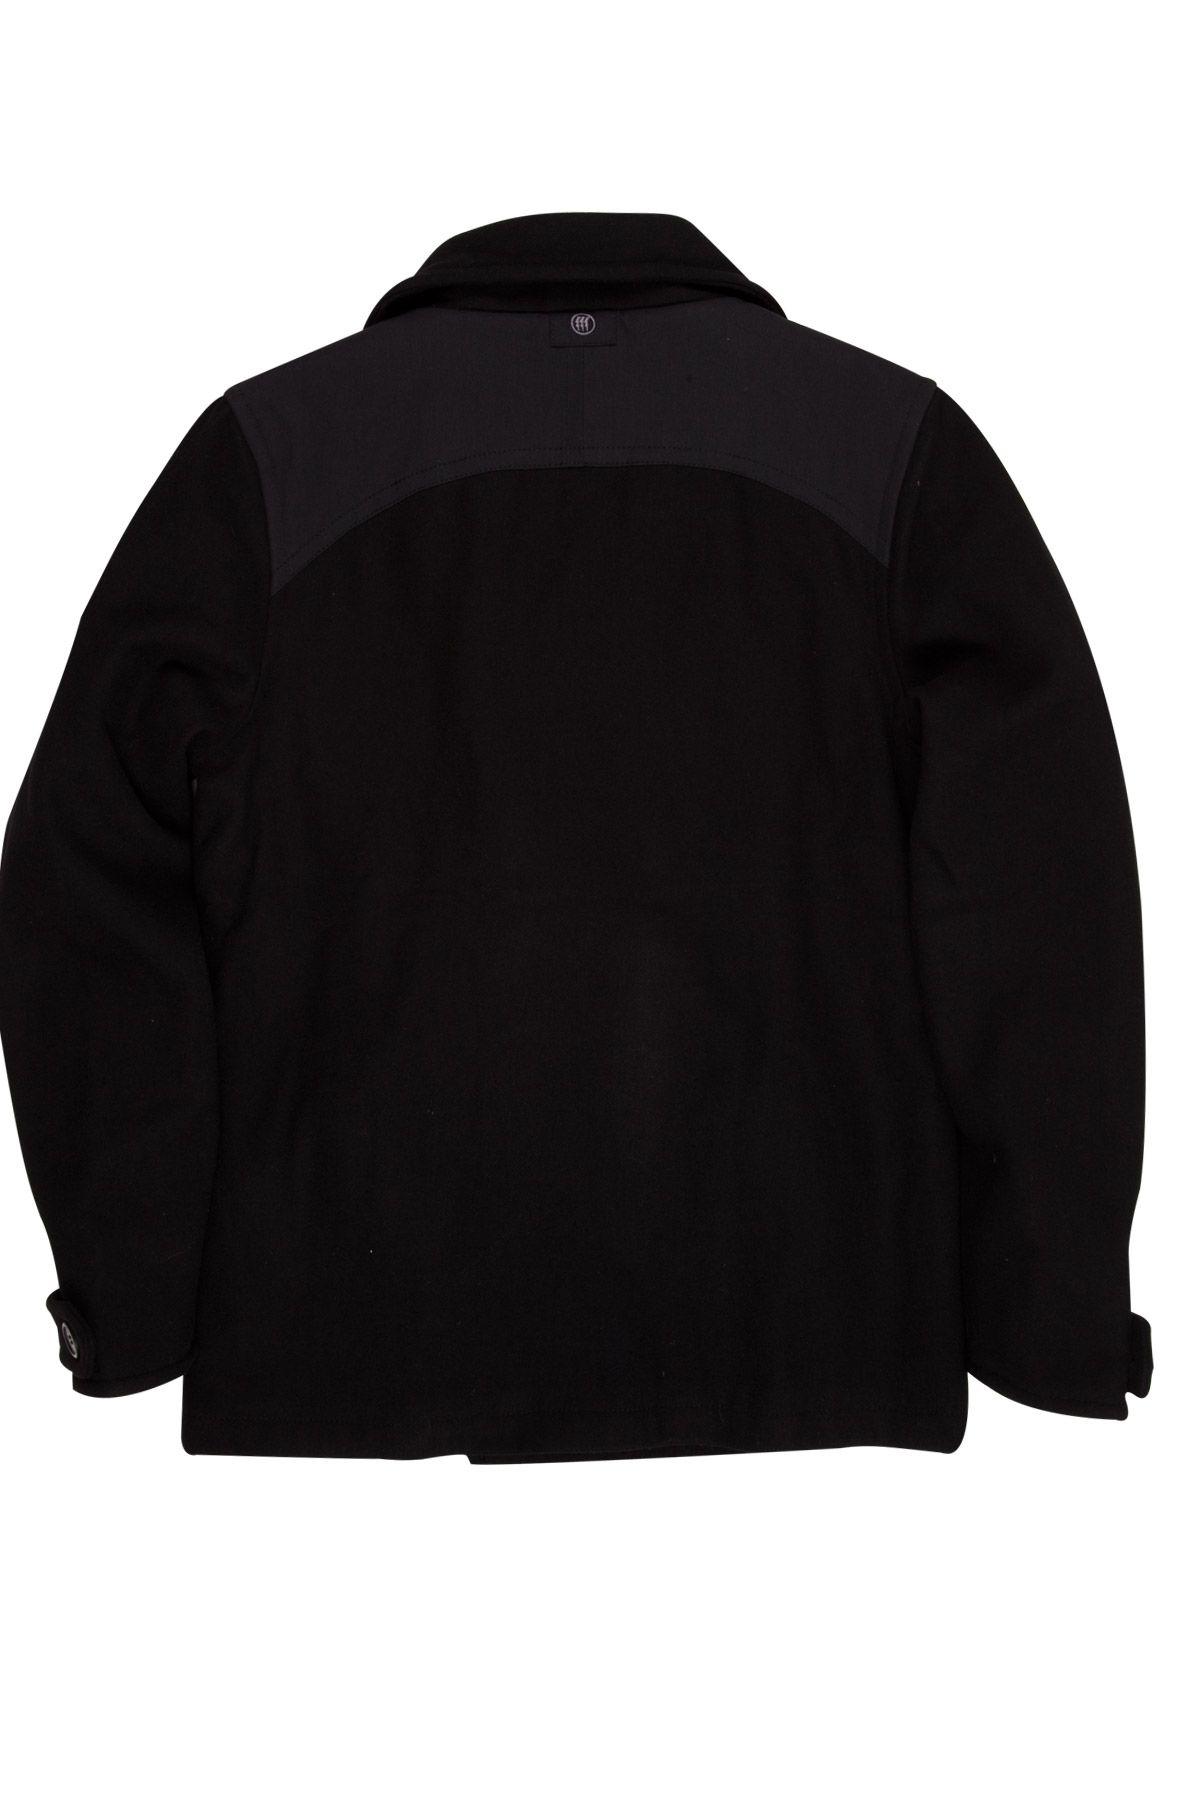 Fly 53 Wool Slovis Jacket in Black for Men